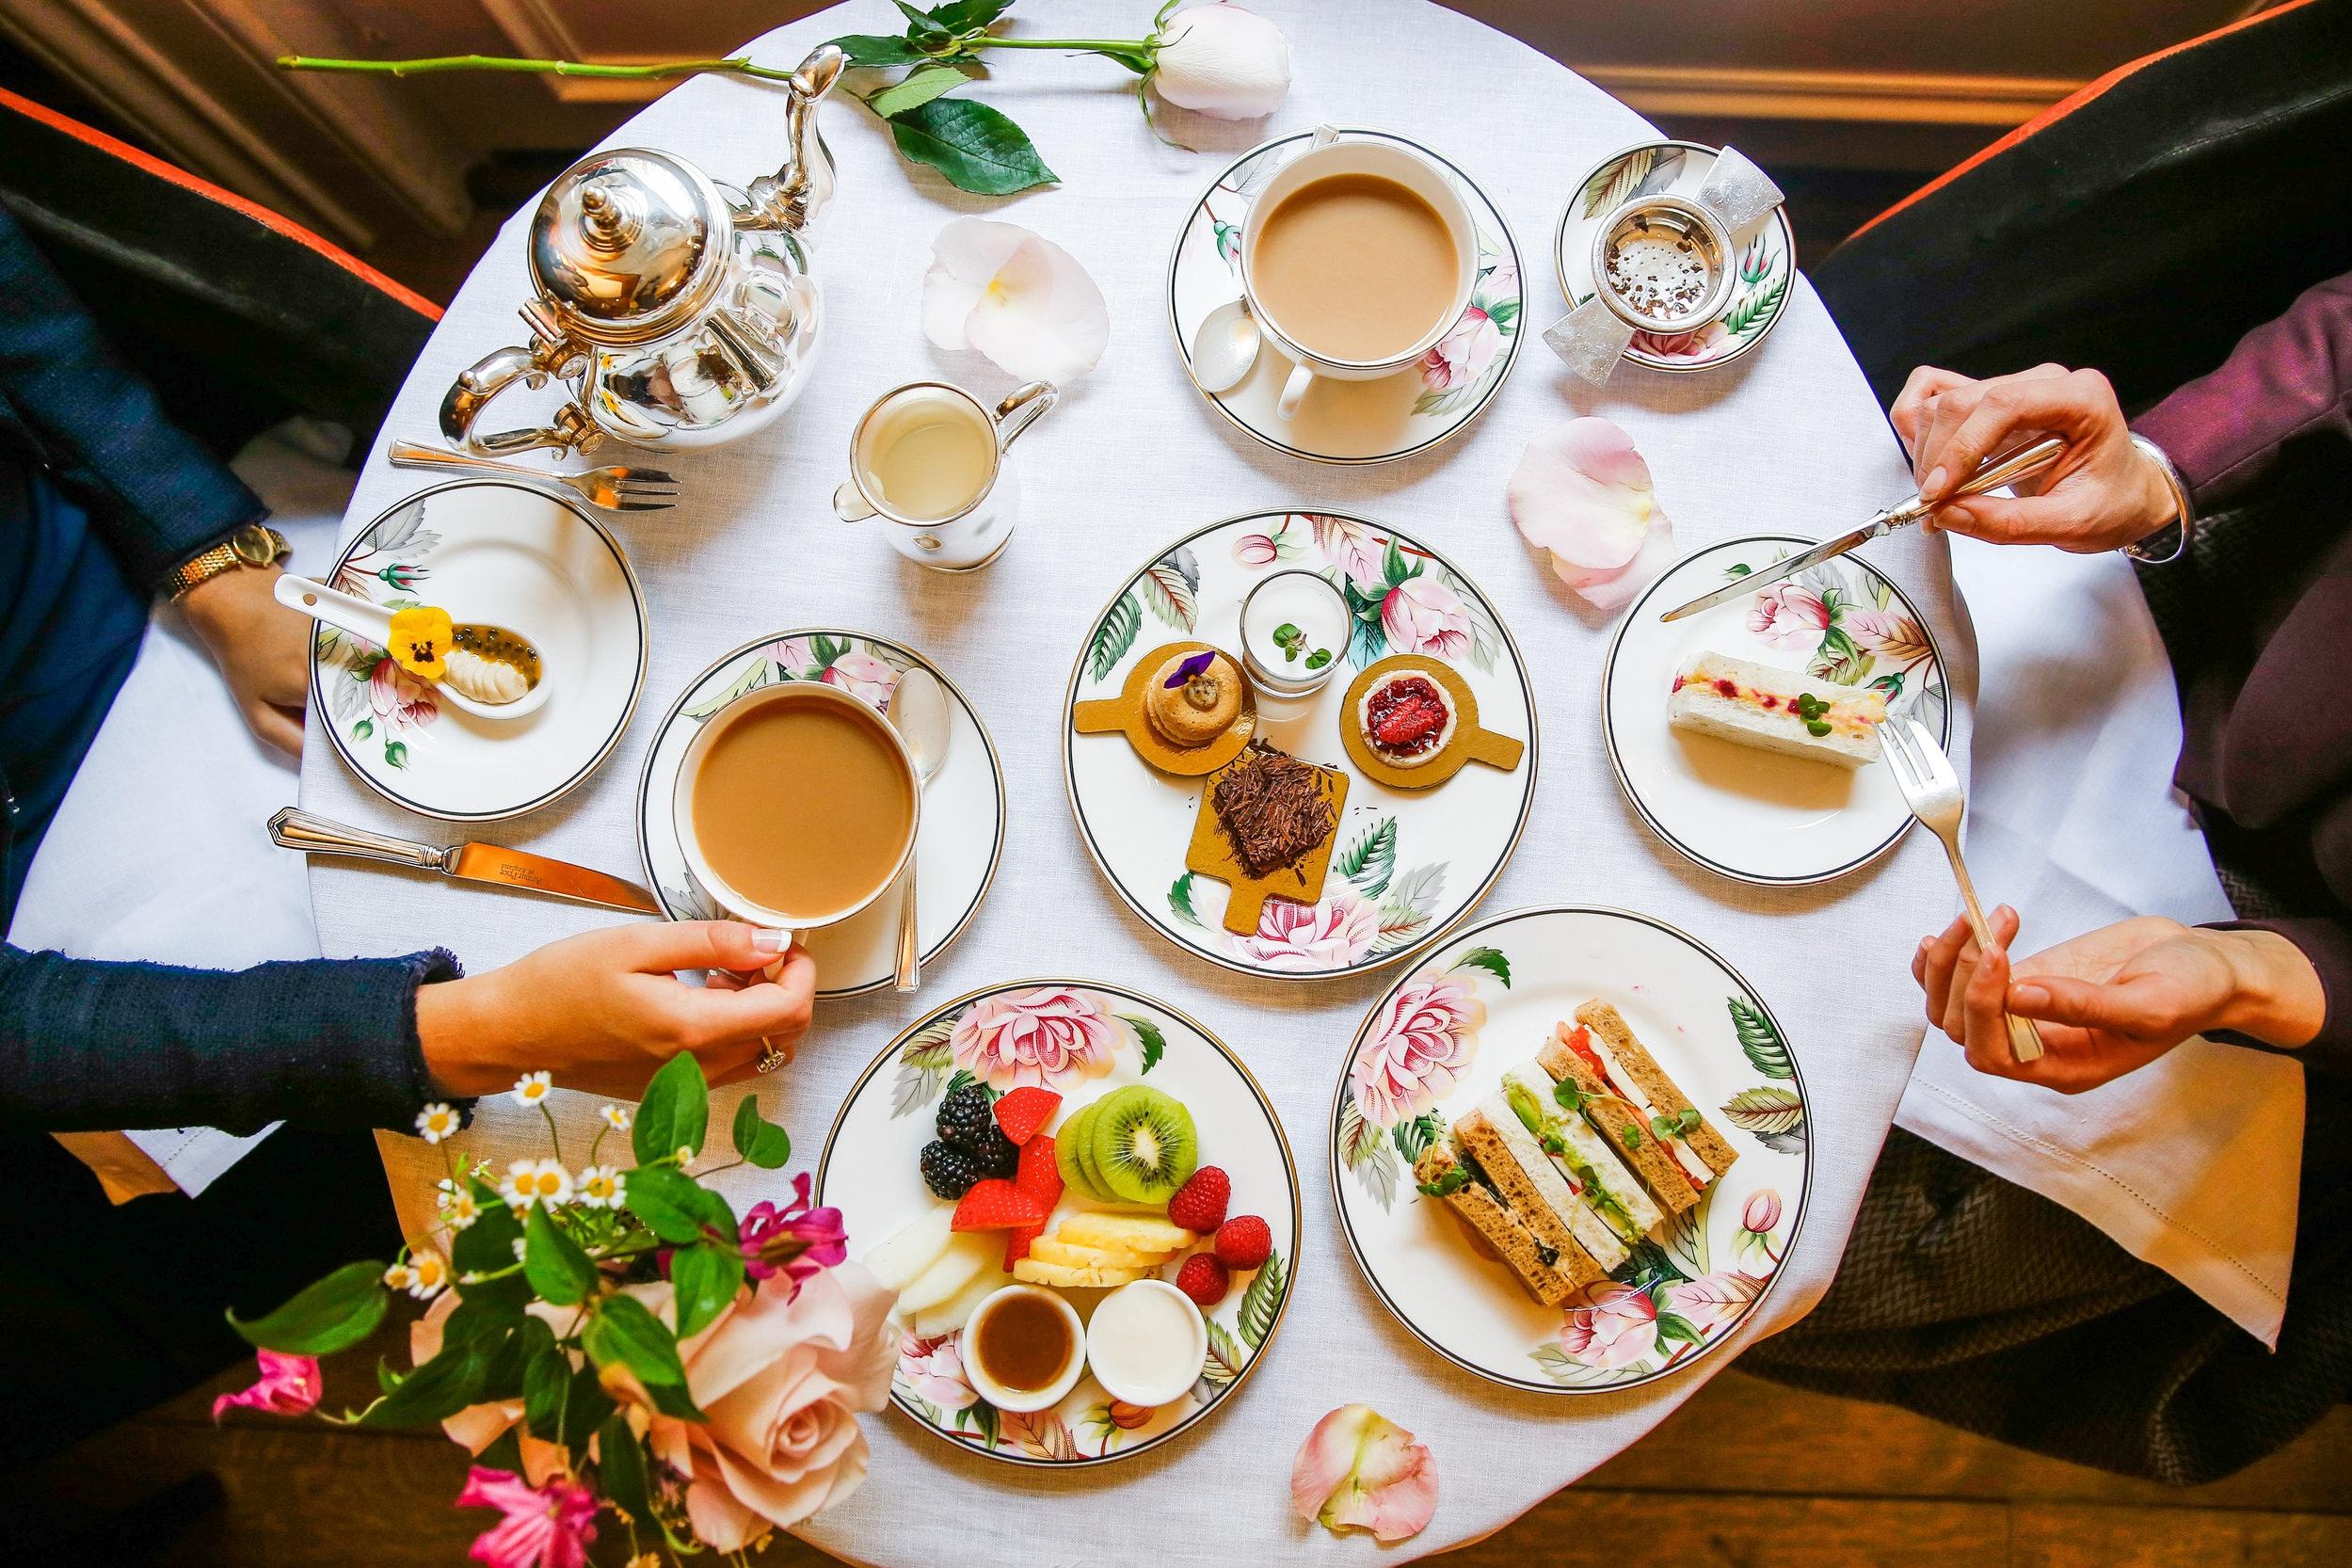 Tea+at+Brown%27s+Hotel.jpg